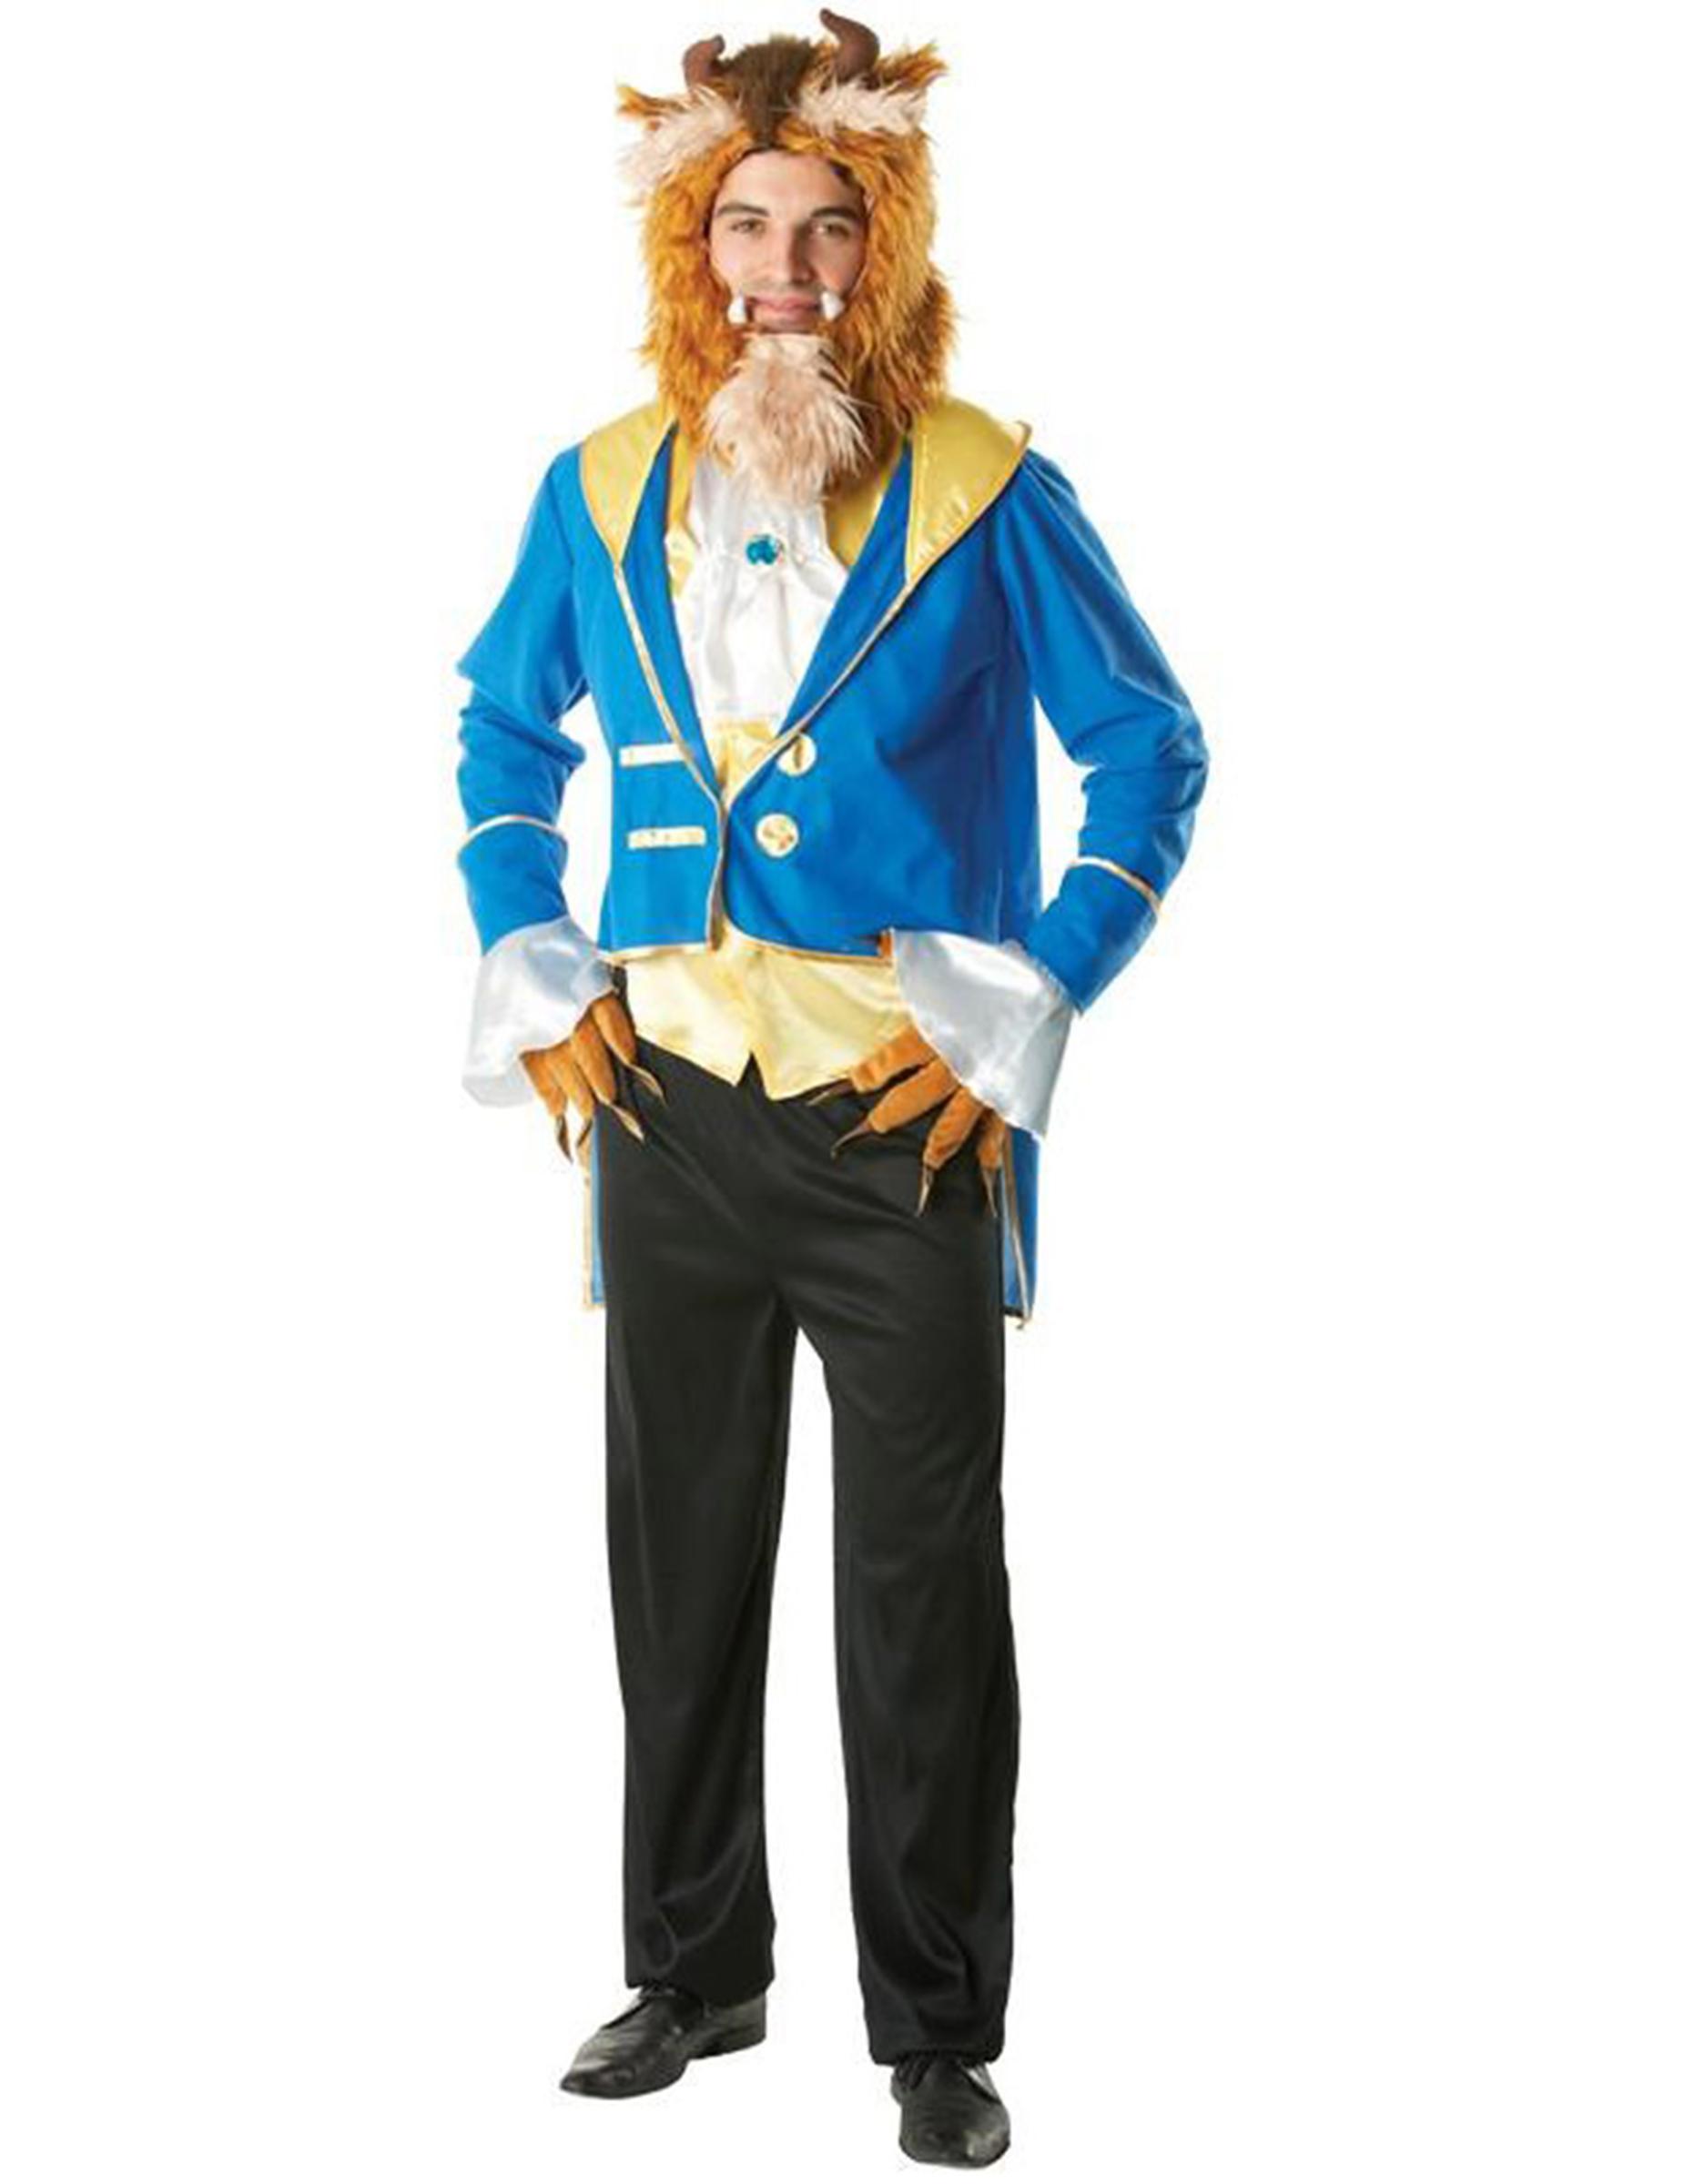 neues Erscheinungsbild Genieße den reduzierten Preis neue niedrigere Preise Das Biest Disney Kostüm Märchen Lizenzware blau-gold